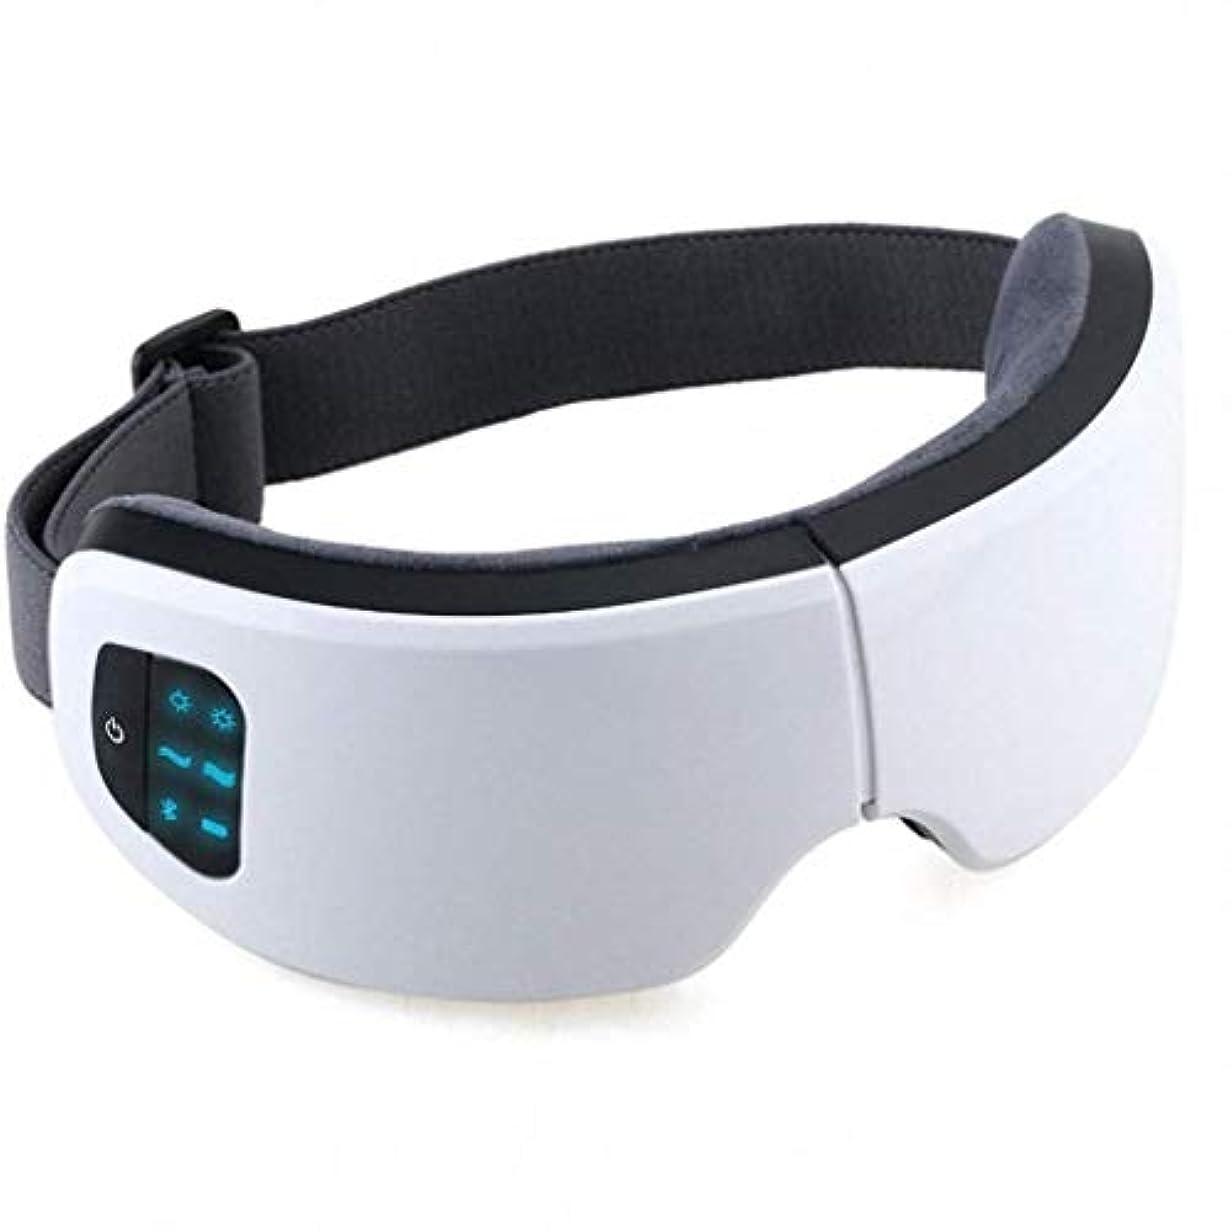 どれ内側力電動アイマスク、アイマッサージャー、折りたたみ式USB充電式スマートデコンプレッションマシン、ワイヤレスBluetoothポータブル、目の疲れを和らげる、ダークサークル、アイバッグ、美容機器